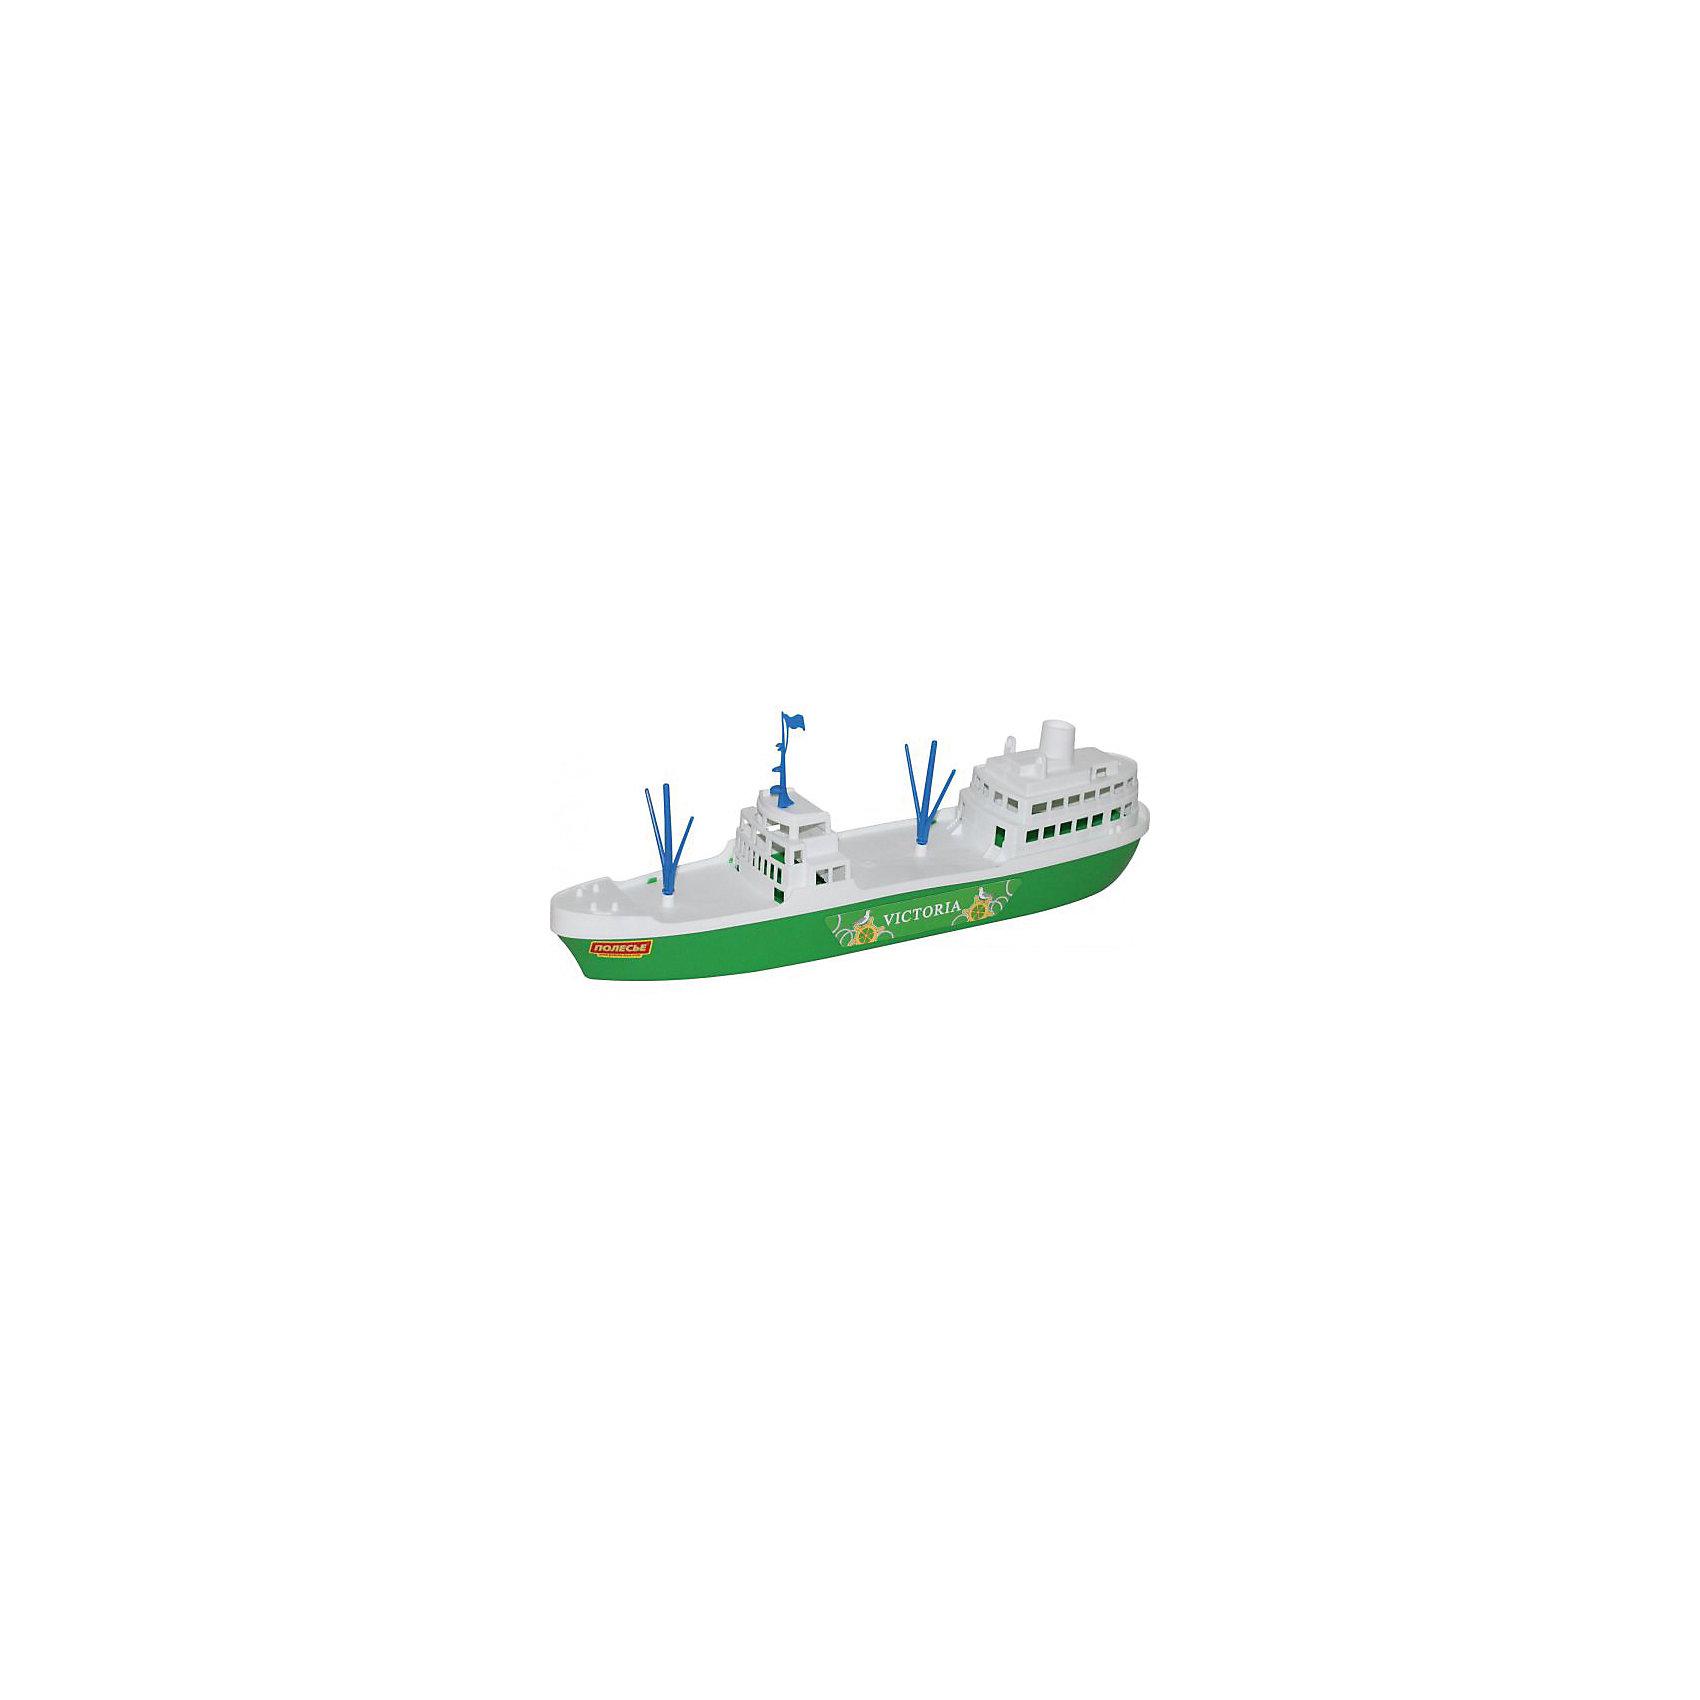 Корабль Виктория, ПолесьеКорабли и лодки<br>Корабль Виктория, Полесье.<br><br>Характеристики:<br><br>- Размер игрушки: 46,3х9,5х12,7 см.<br>- Материал: прочный пластик<br>- Упаковка: сетка<br><br>Корабль Виктория от торговой марки Полесье привлечёт к себе внимание своим красивым внешним видом и большим размером. На его палубе можно разместить фигурки любимых героев и отправить их в плавание. Играть этот красивый большой корабль ребёнок может в бассейне на даче, в ванной дома, на пляже у открытого водоёма. Игрушка изготовлена из безопасного пластика, отличается высокой прочностью и отличным качеством.<br><br>Корабль Виктория, Полесье можно купить в нашем интернет-магазине.<br><br>Ширина мм: 463<br>Глубина мм: 95<br>Высота мм: 127<br>Вес г: 200<br>Возраст от месяцев: 36<br>Возраст до месяцев: 96<br>Пол: Мужской<br>Возраст: Детский<br>SKU: 4763450